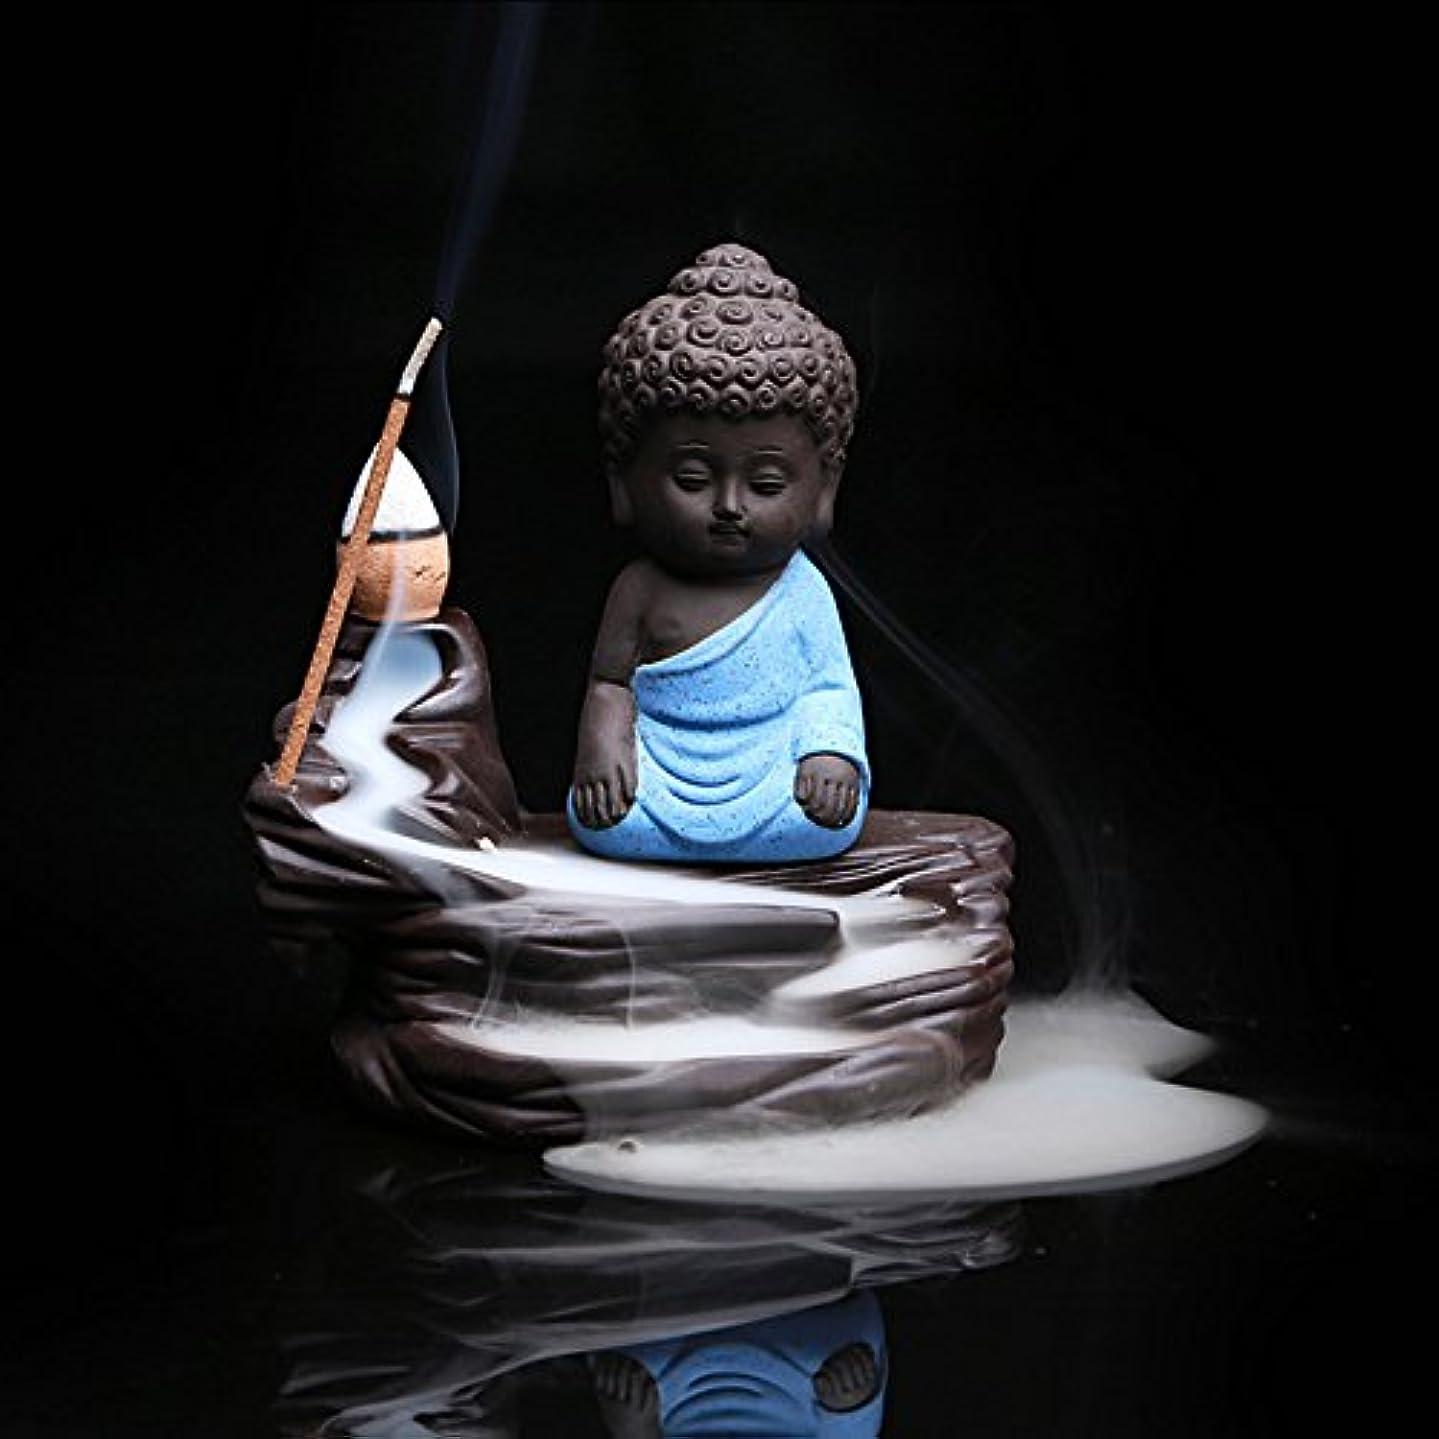 短命の慈悲で気候の山Zehuiホームデコレーションクリエイティブ逆流香炉コーンスティックホルダーSmall Buddhaセラミック香炉ホーム装飾 ブルー mhy-ZJ1204-jj125